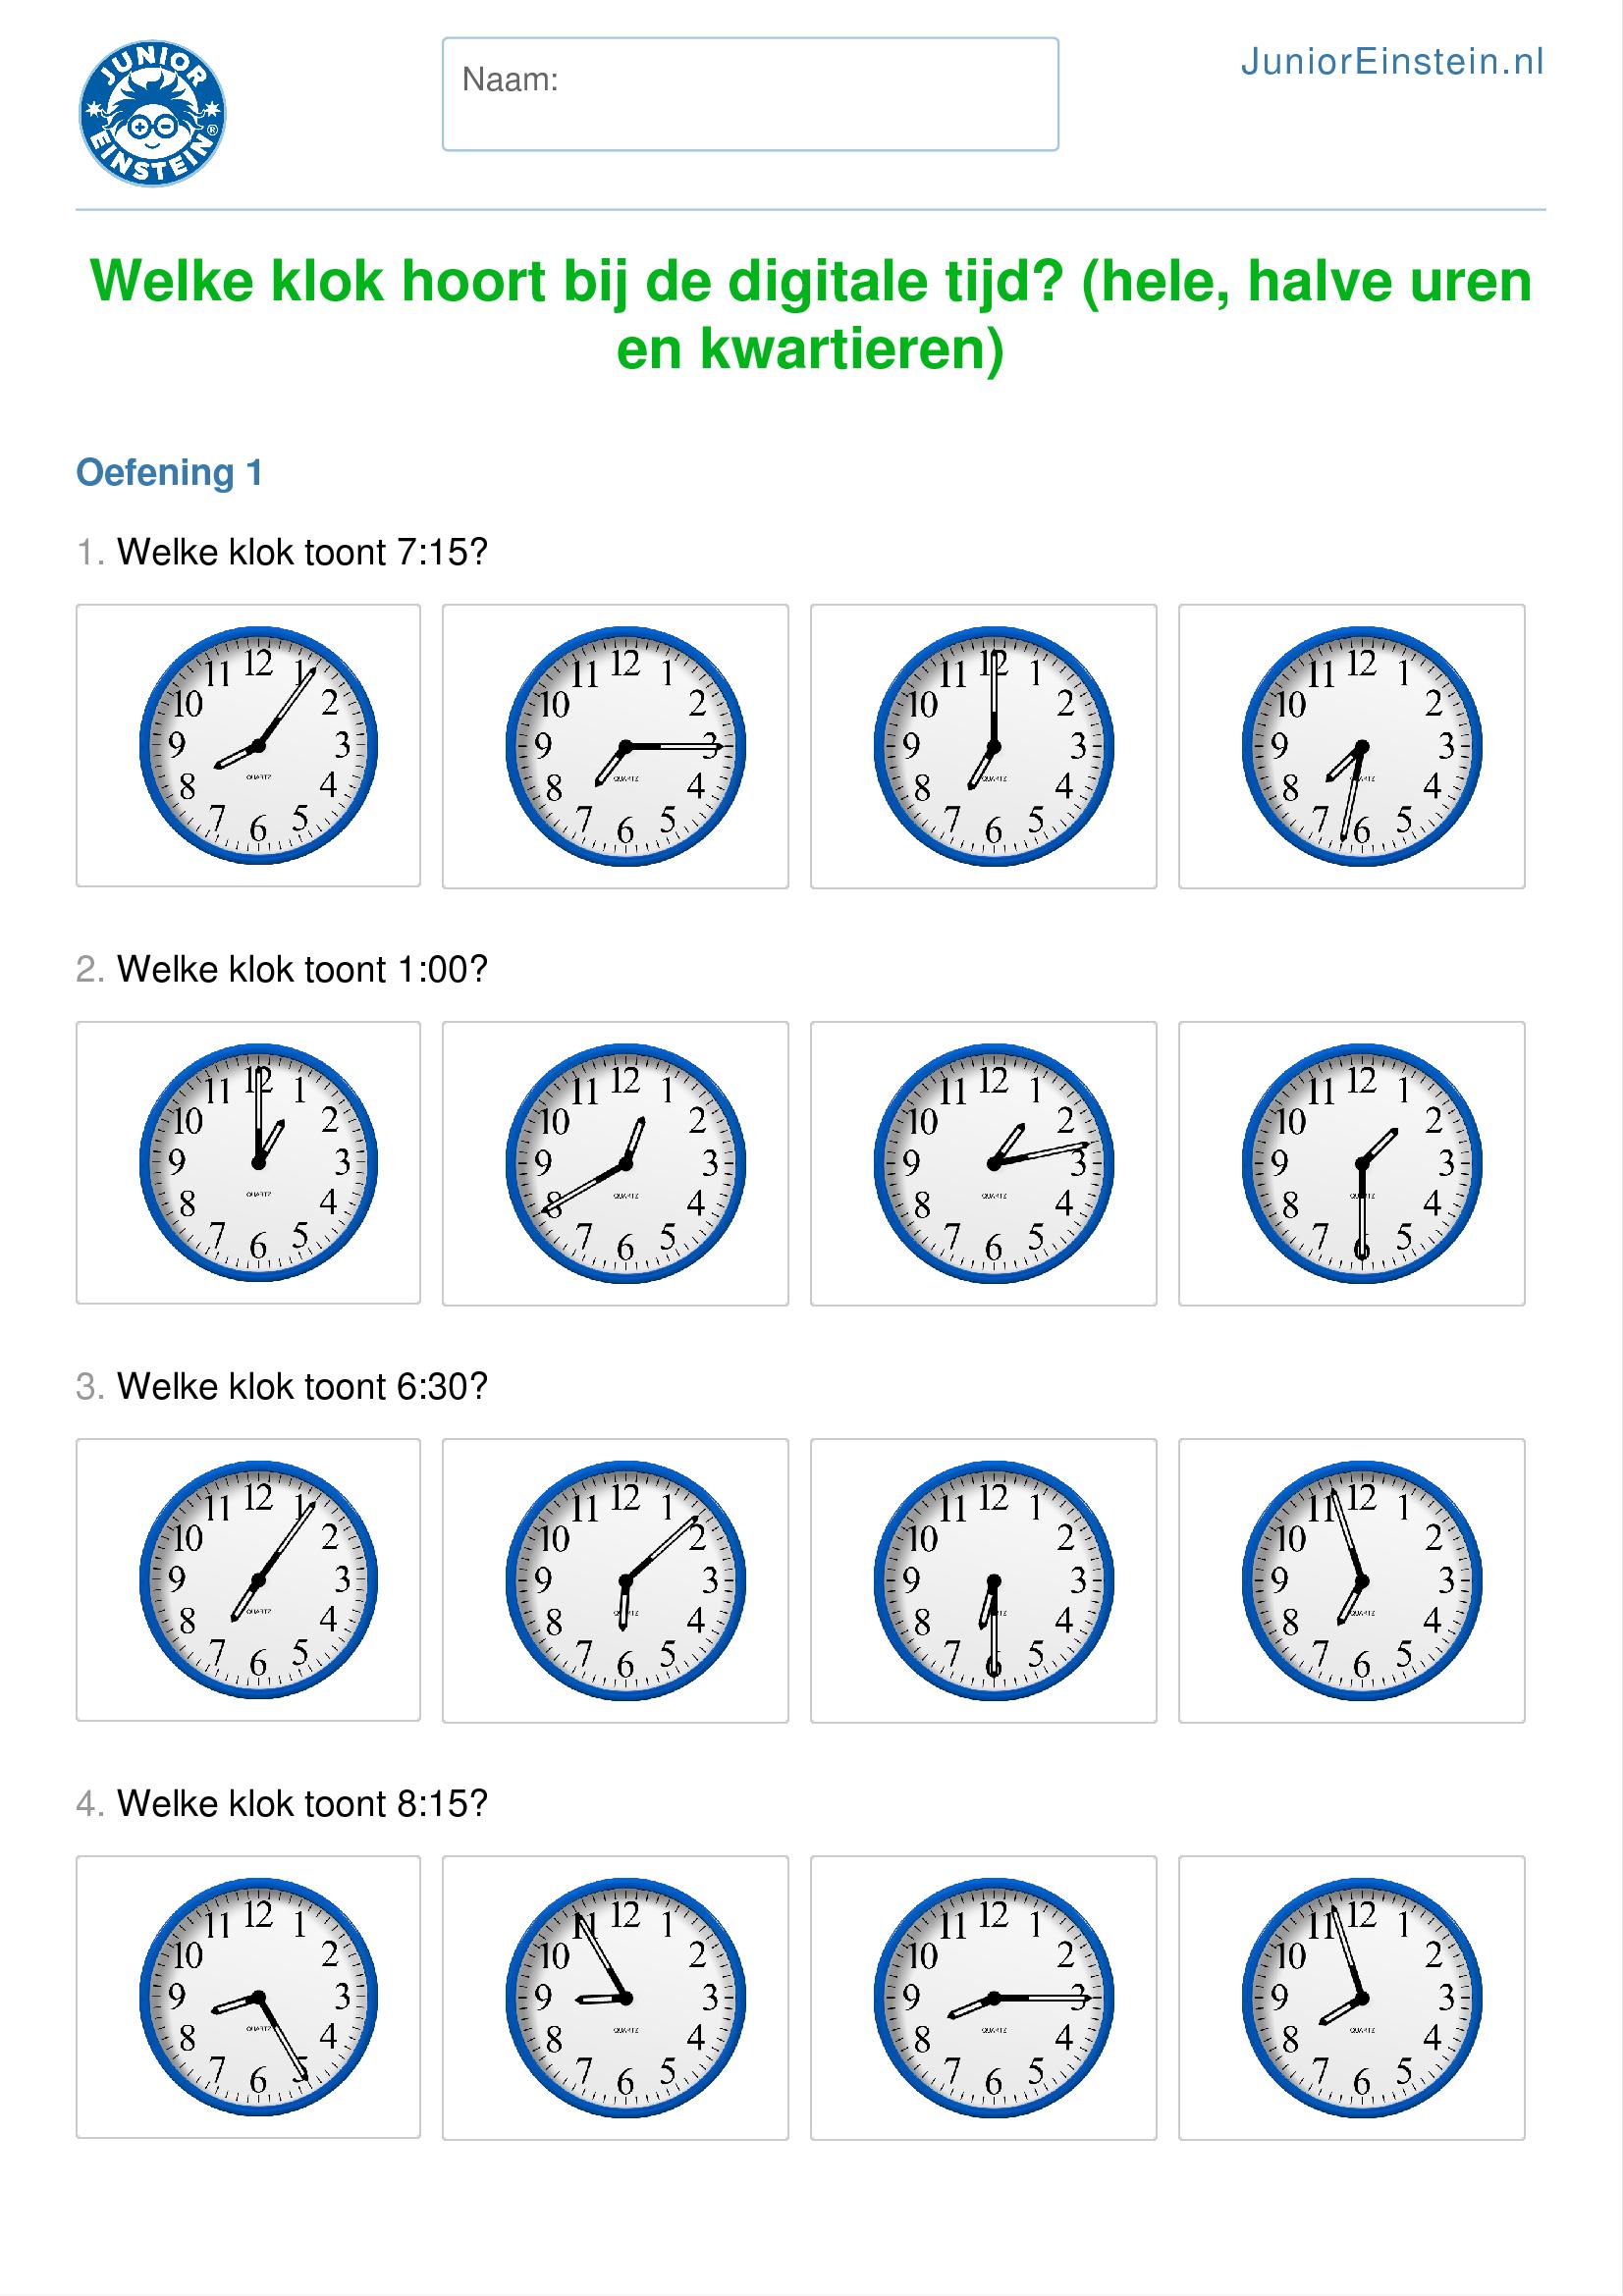 Verwonderlijk Welke klok hoort bij de digitale tijd? (hele, halve uren en IW-09